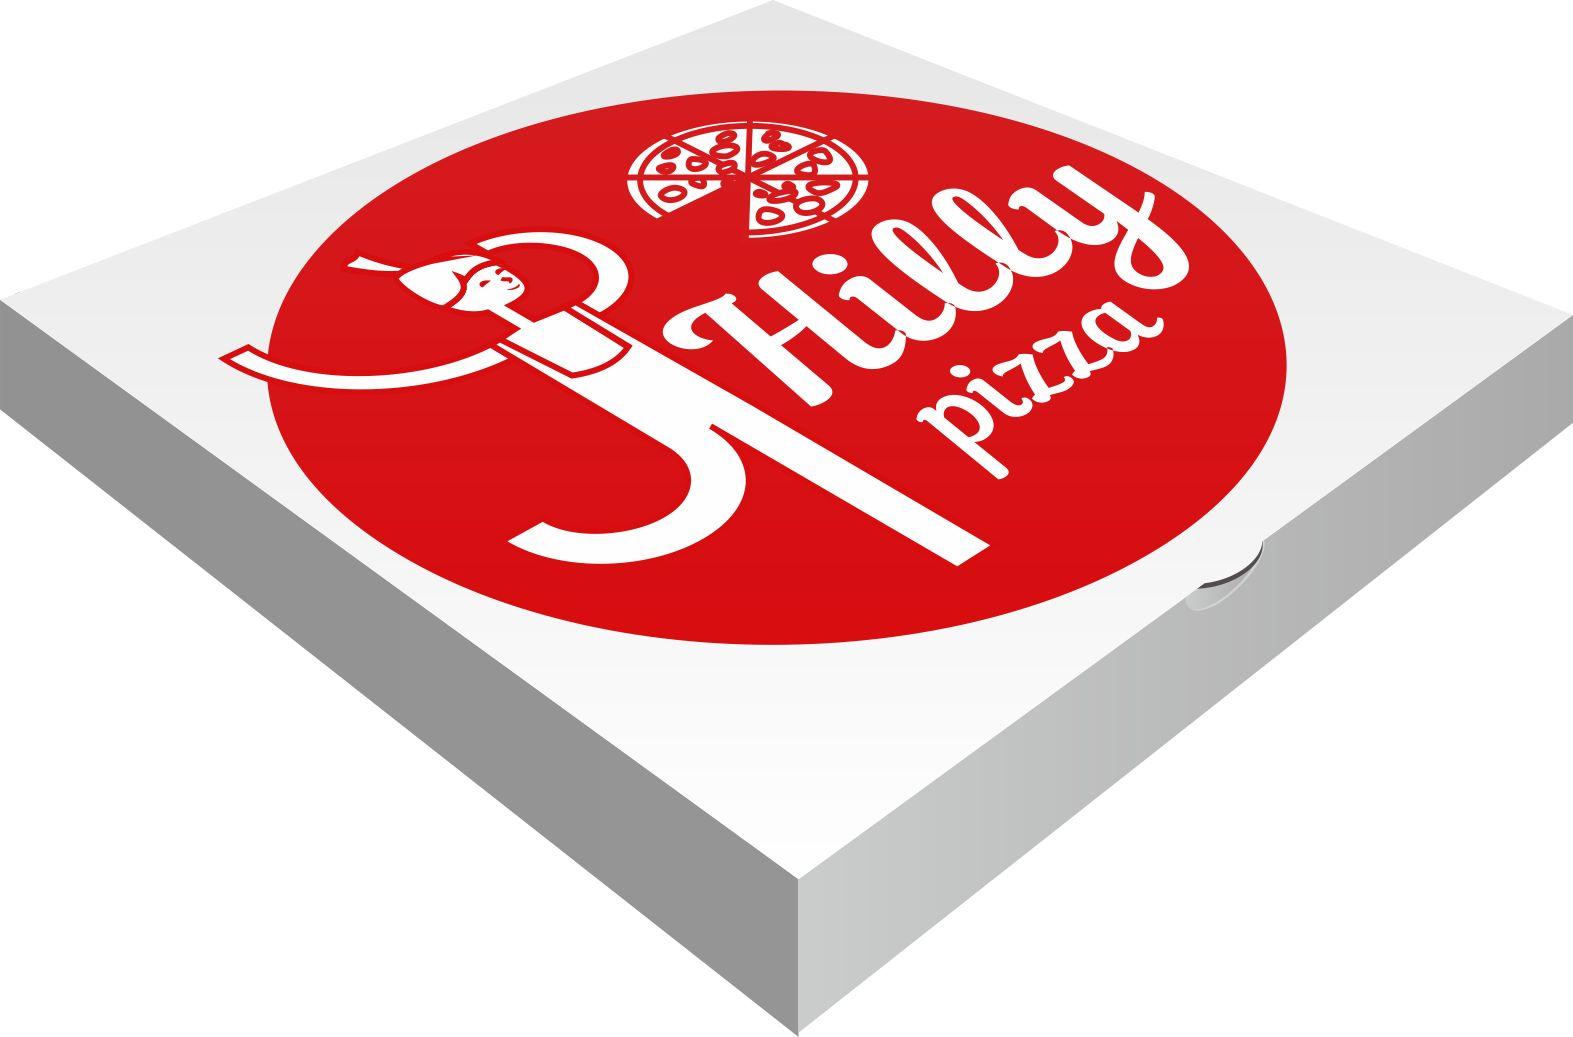 Доставка пиццы Хилли пицца\HILLY PIZZA - дизайнер Krupicki